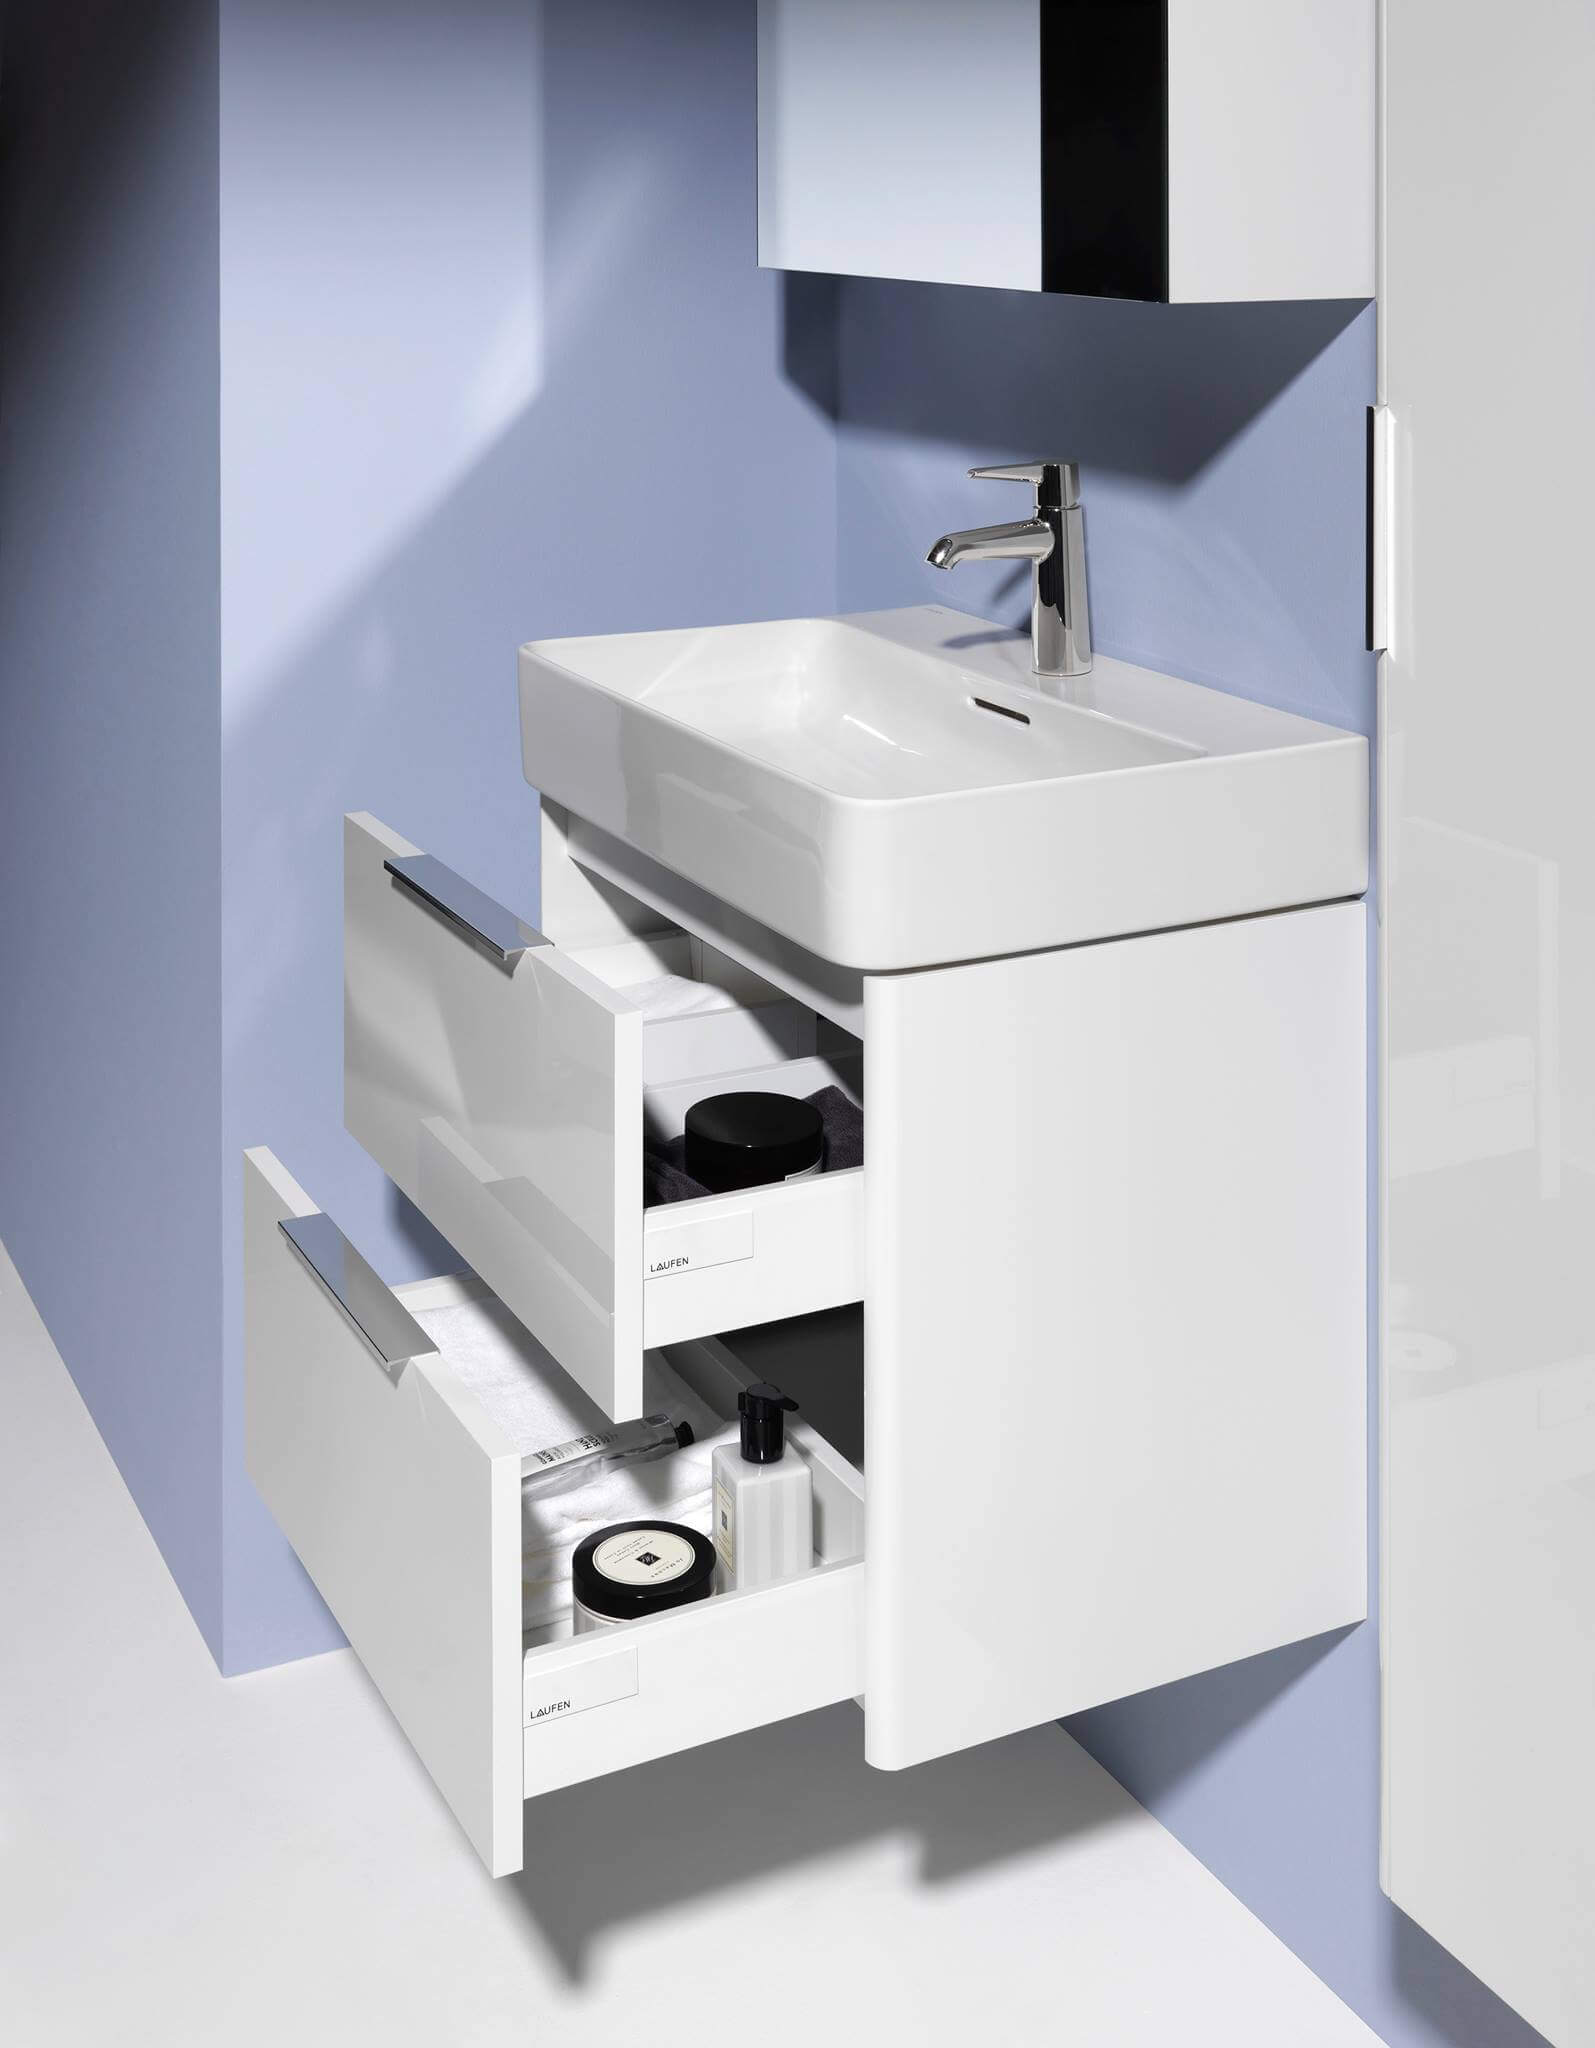 Kleine Badezimmer Ideen für das Luxus Bad exklusiv in der Bad Ausstellung entdecken